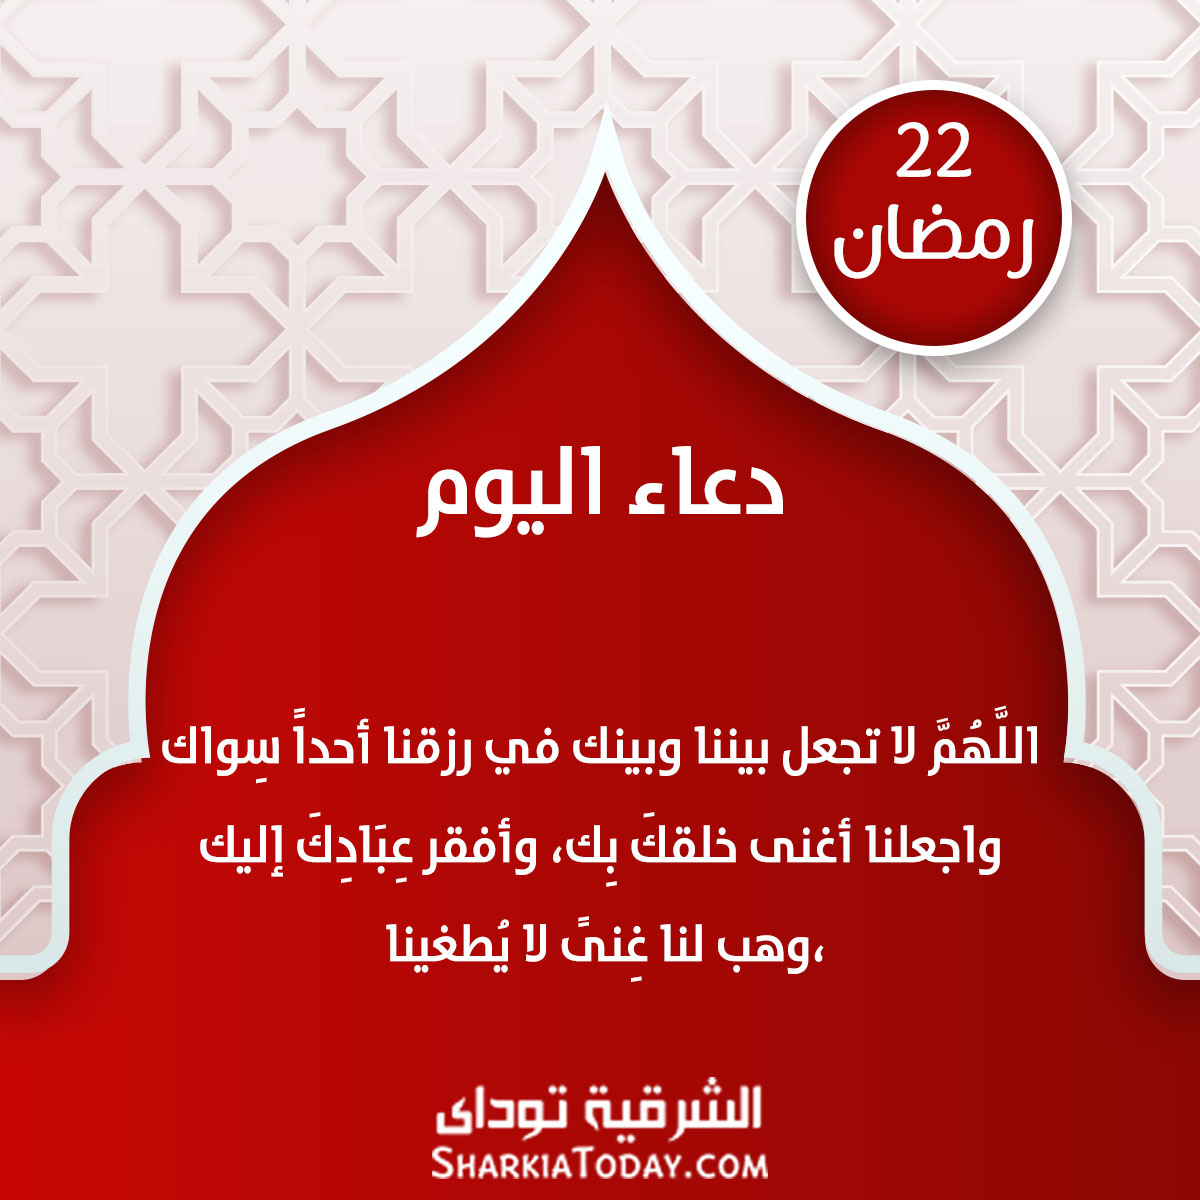 دعاء 22 رمضان